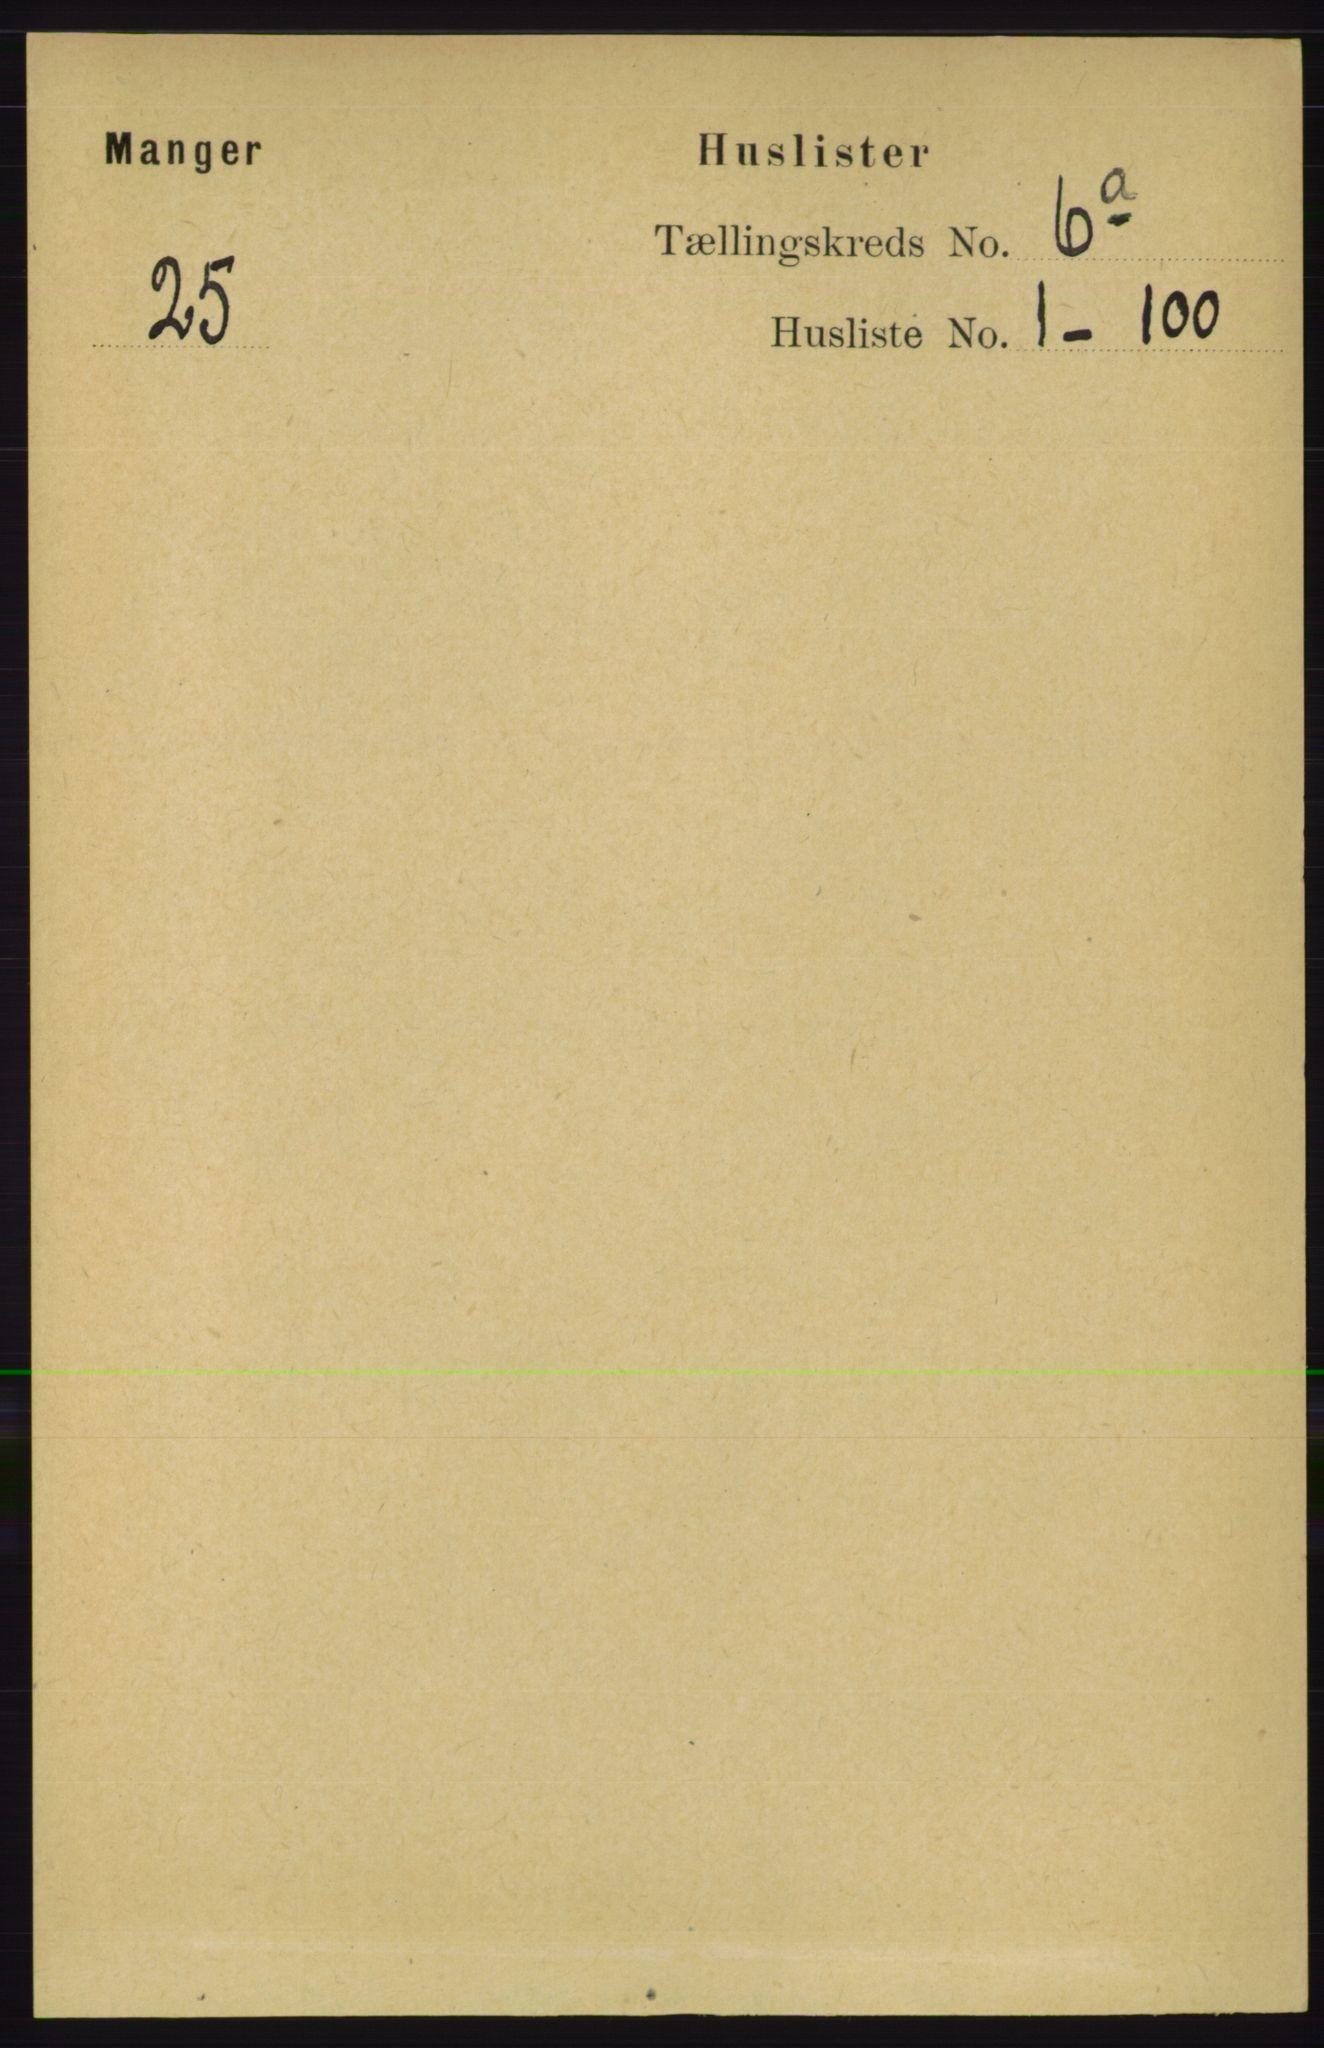 RA, Folketelling 1891 for 1261 Manger herred, 1891, s. 3309